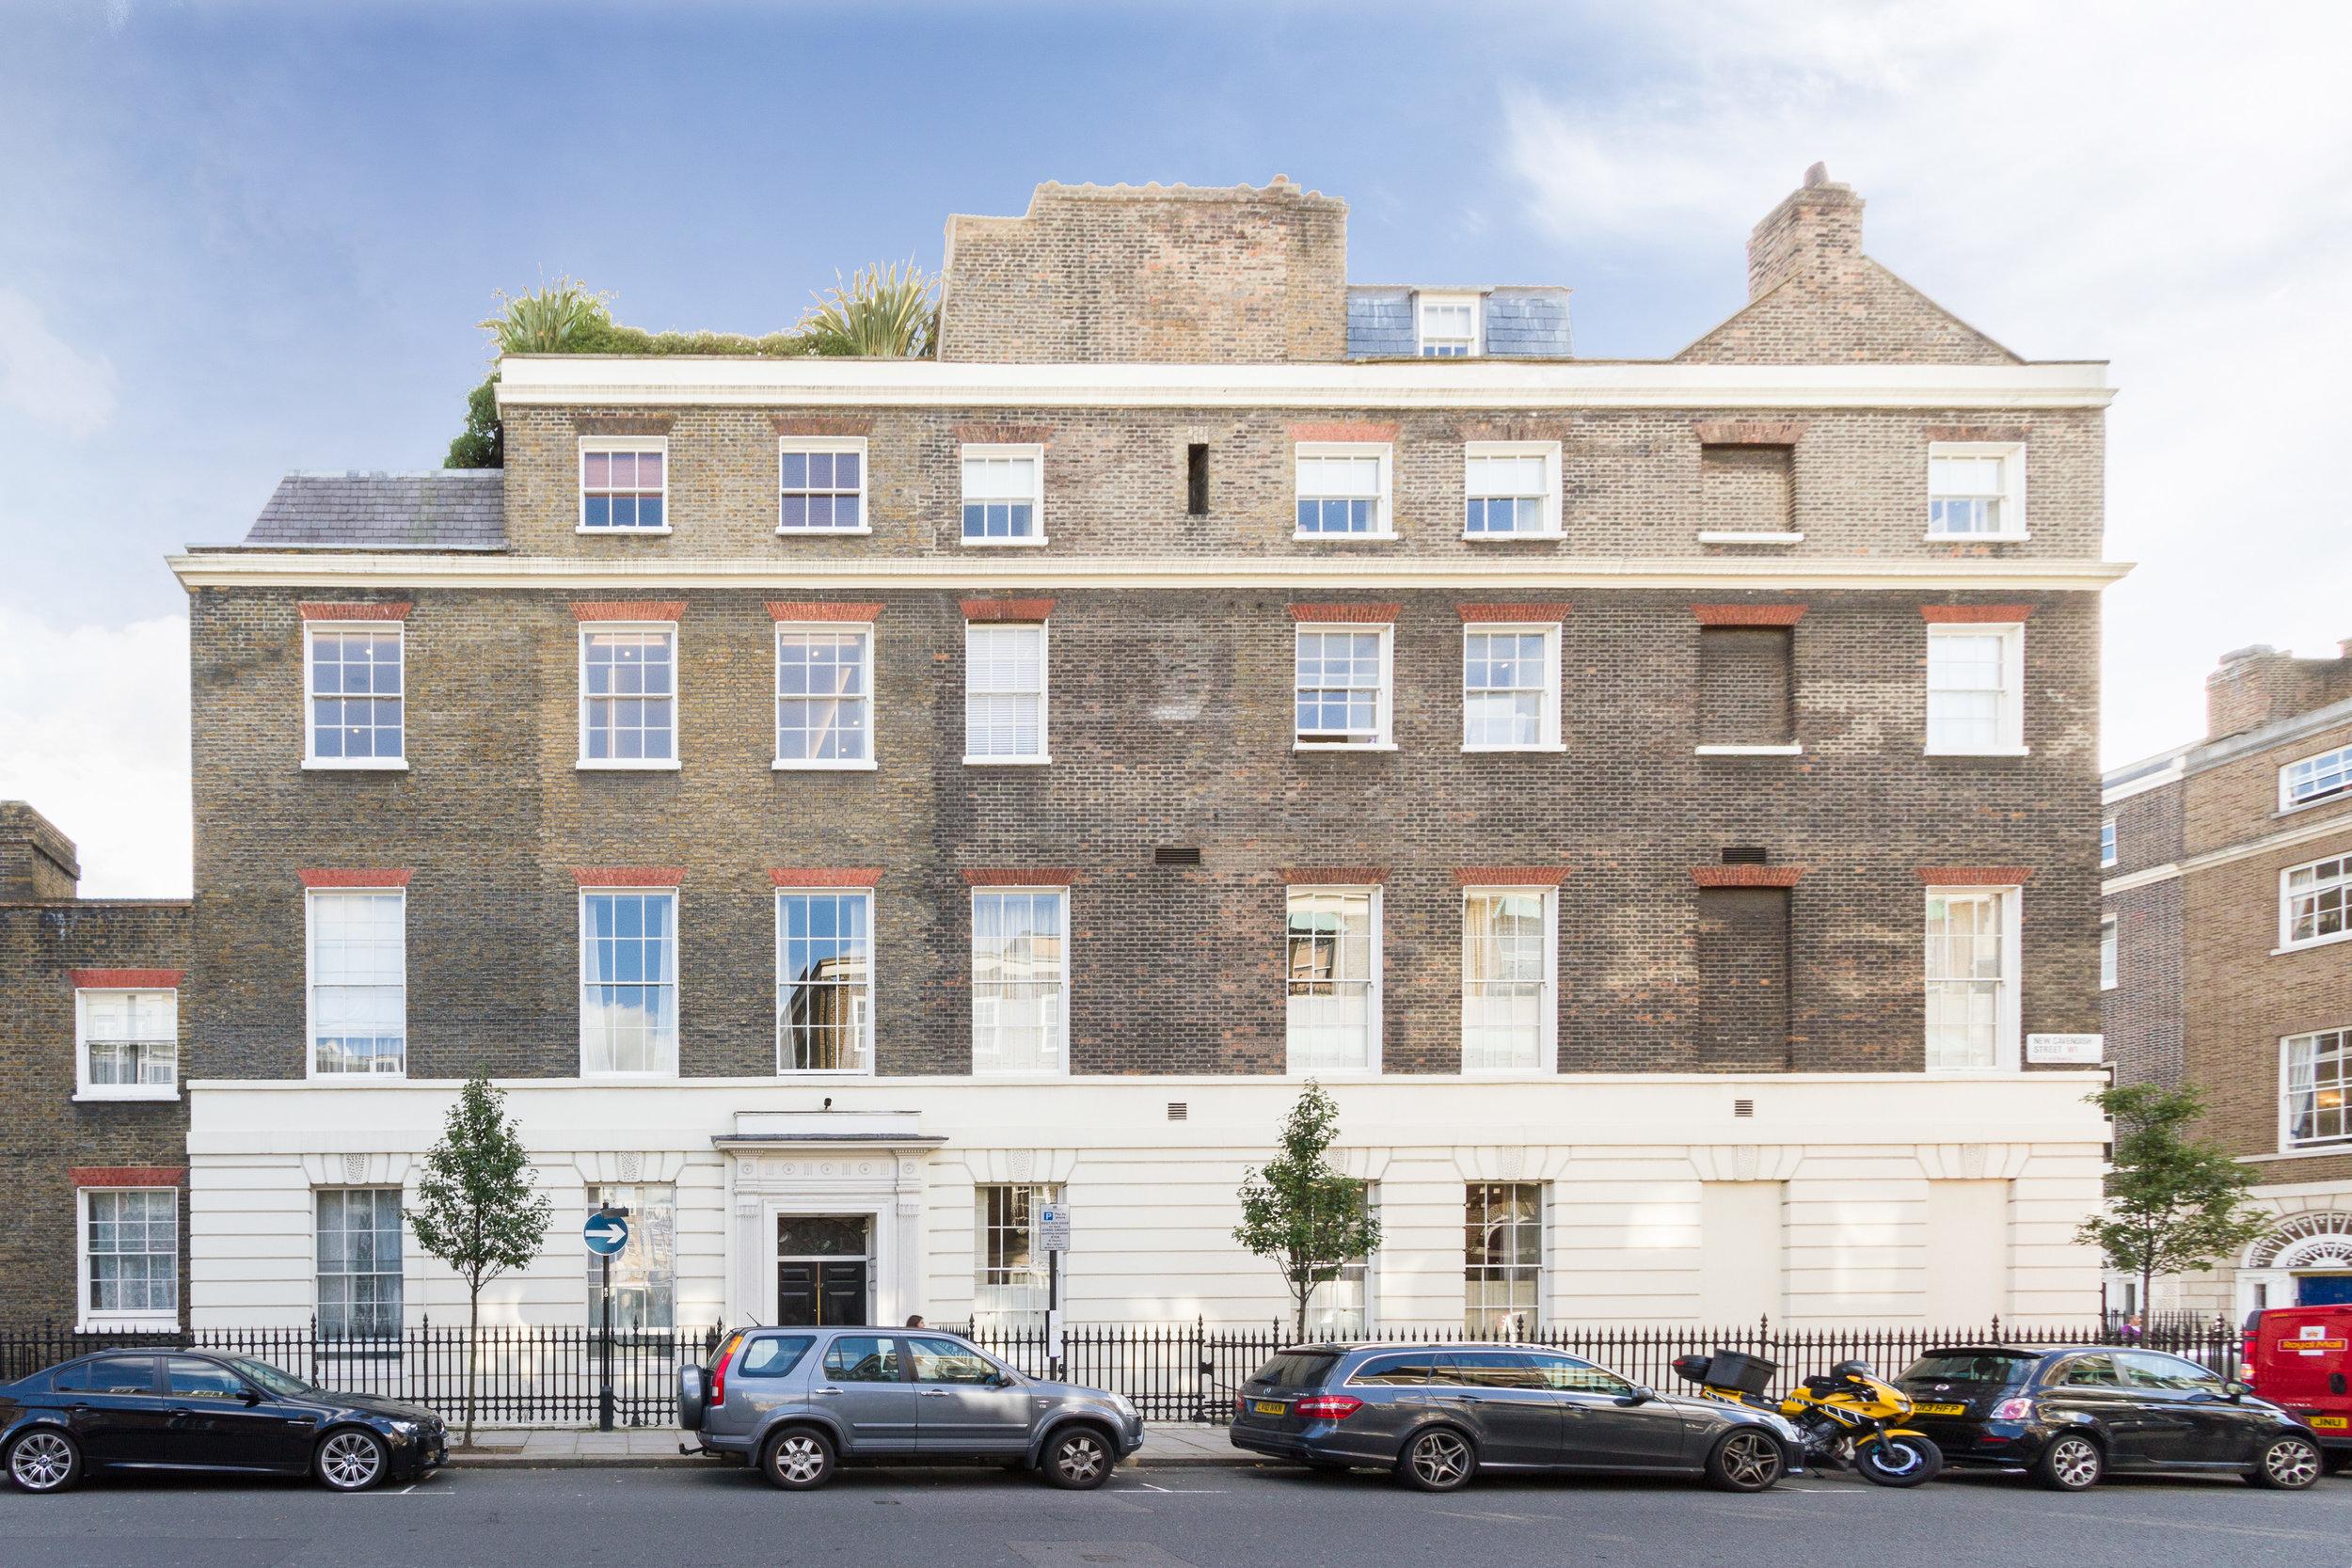 Marylebone - £8,500,000